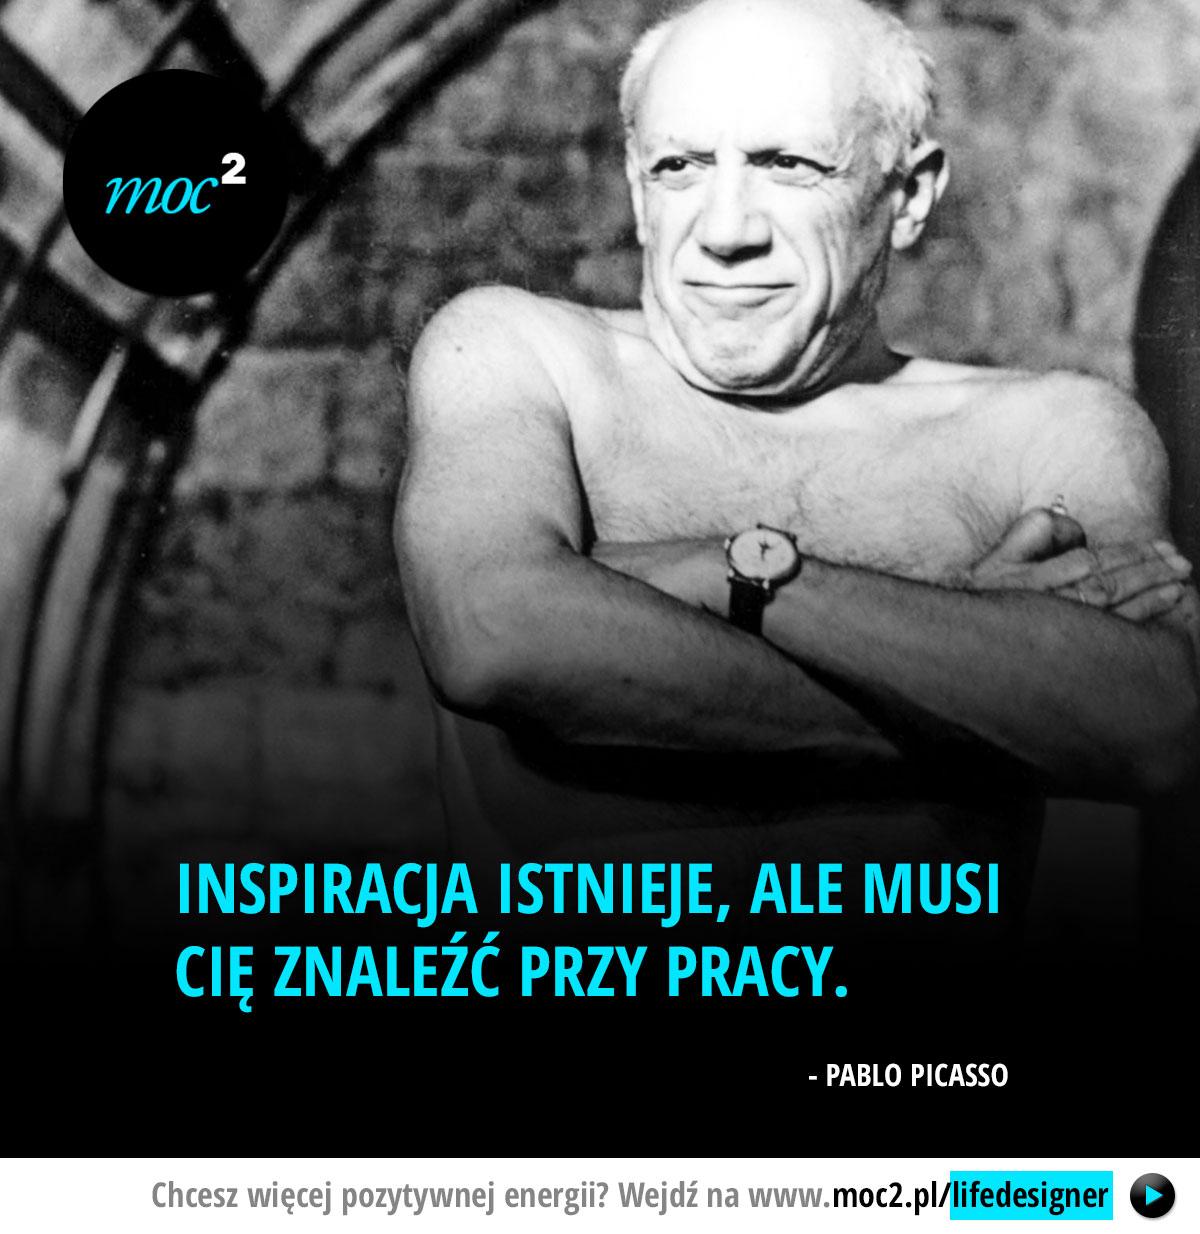 Inspiracja istnieje, ale musi cię znaleźć przy pracy. - Pablo Picasso